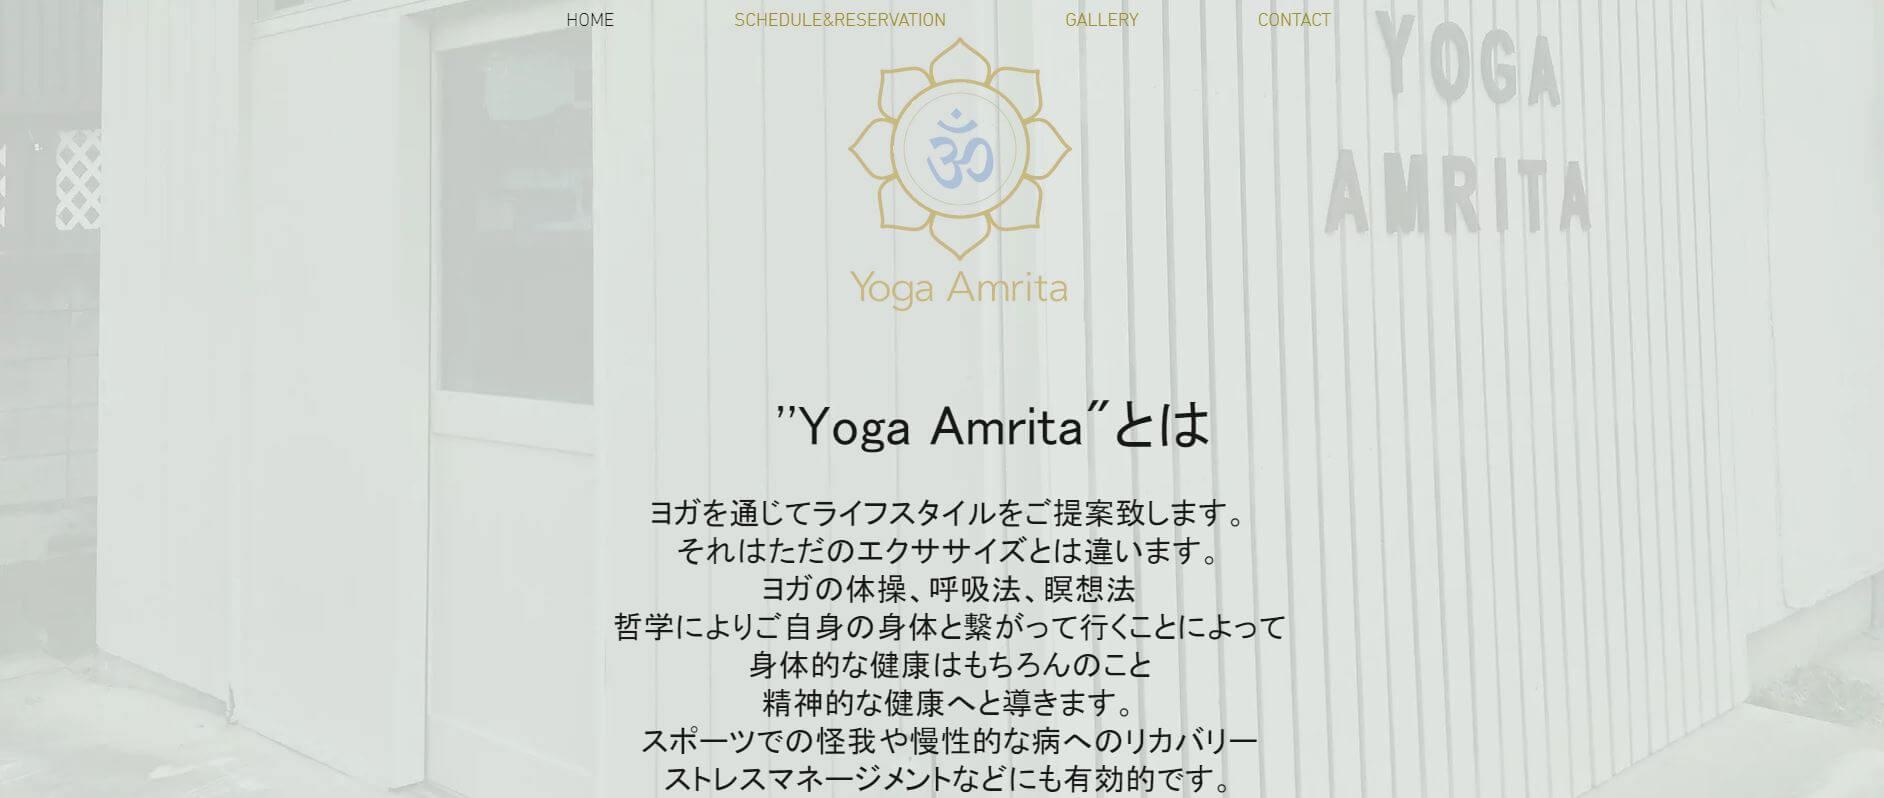 Yoga Amrita Takasaki